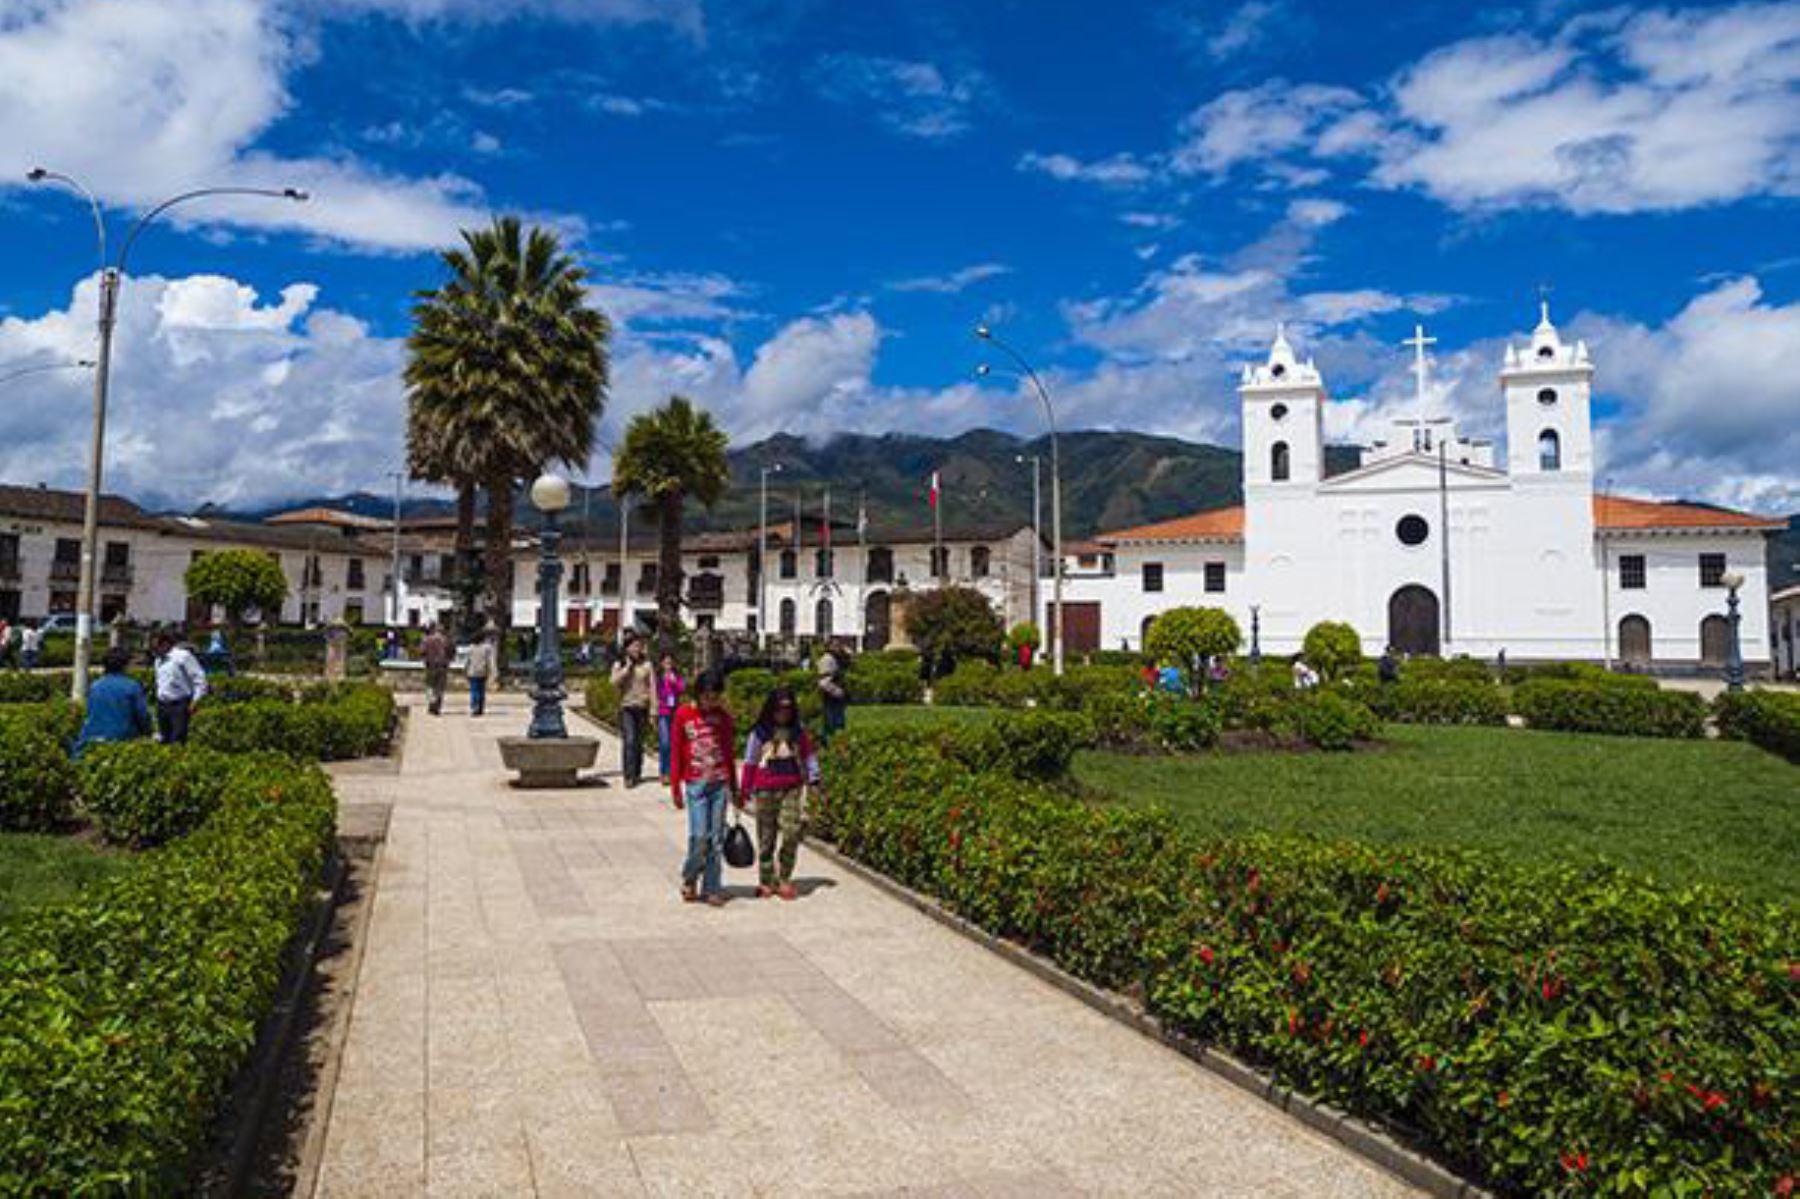 Chachapoyas, capital del departamento de Amazonas, celebra hoy su 140° aniversario de fundación española. Ocasión para animase a visitar o retornar a esta hermosa ciudad del nororiente peruano, así como sus alrededores, y conocer sus variados atractivos turísticos.